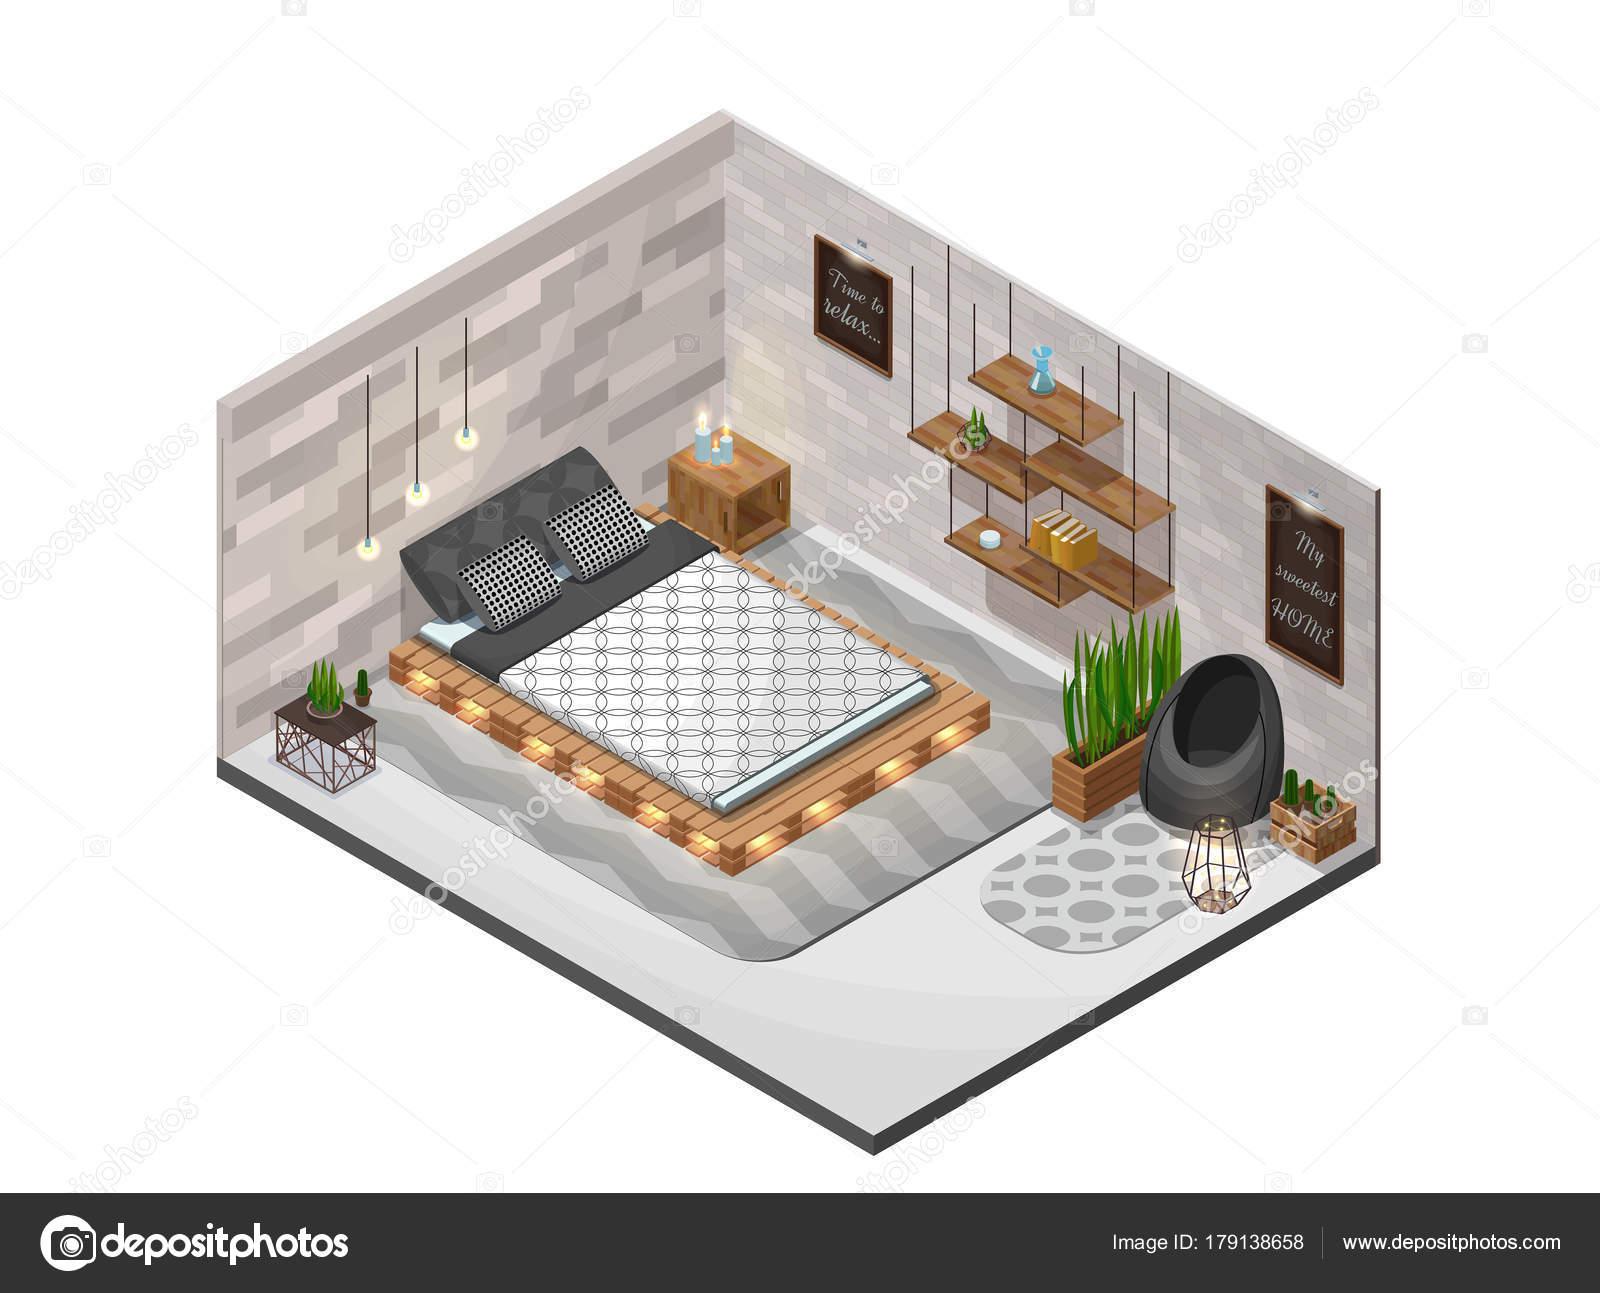 scandinavische interieur slaapkamer isometrische infographic 3d gezellige indeling met pallet diy houten meubels plank